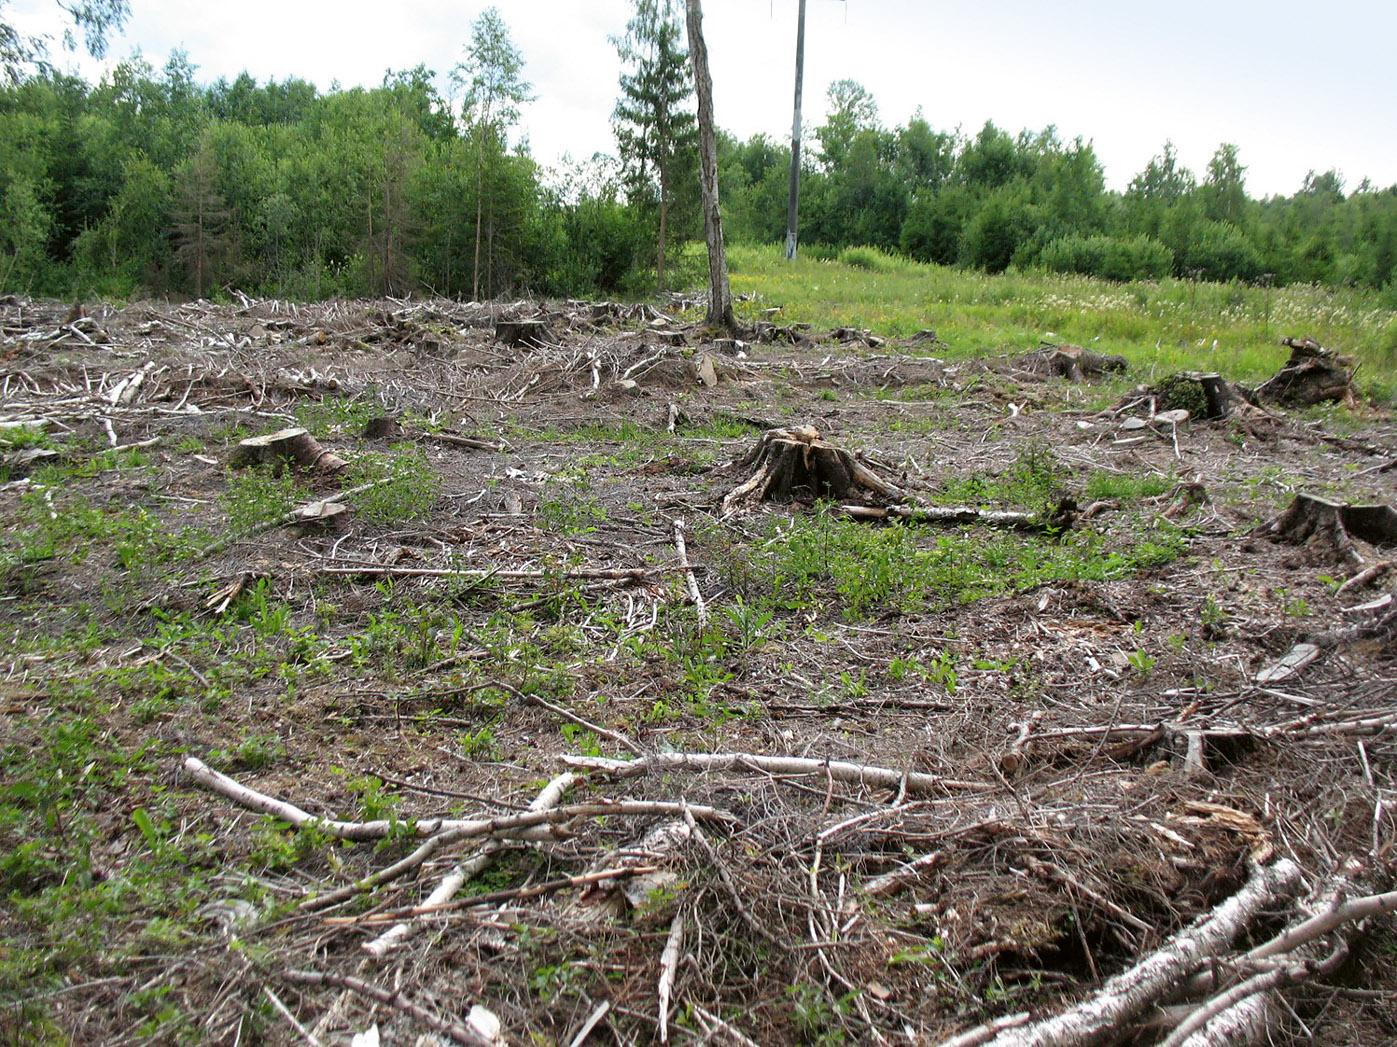 3. attēls. Mikrolieguma izveidošanu šajā vietā VMD atteica, pamatojot to ar meža īpašnieka sociāli ekonomiskajām interesēm. 14.07.2019. konstatēts, ka ligzdas nogabals (ieskaitot ligzdas koku) ir nocirsts.   | Foto: HelmutsHofmanis